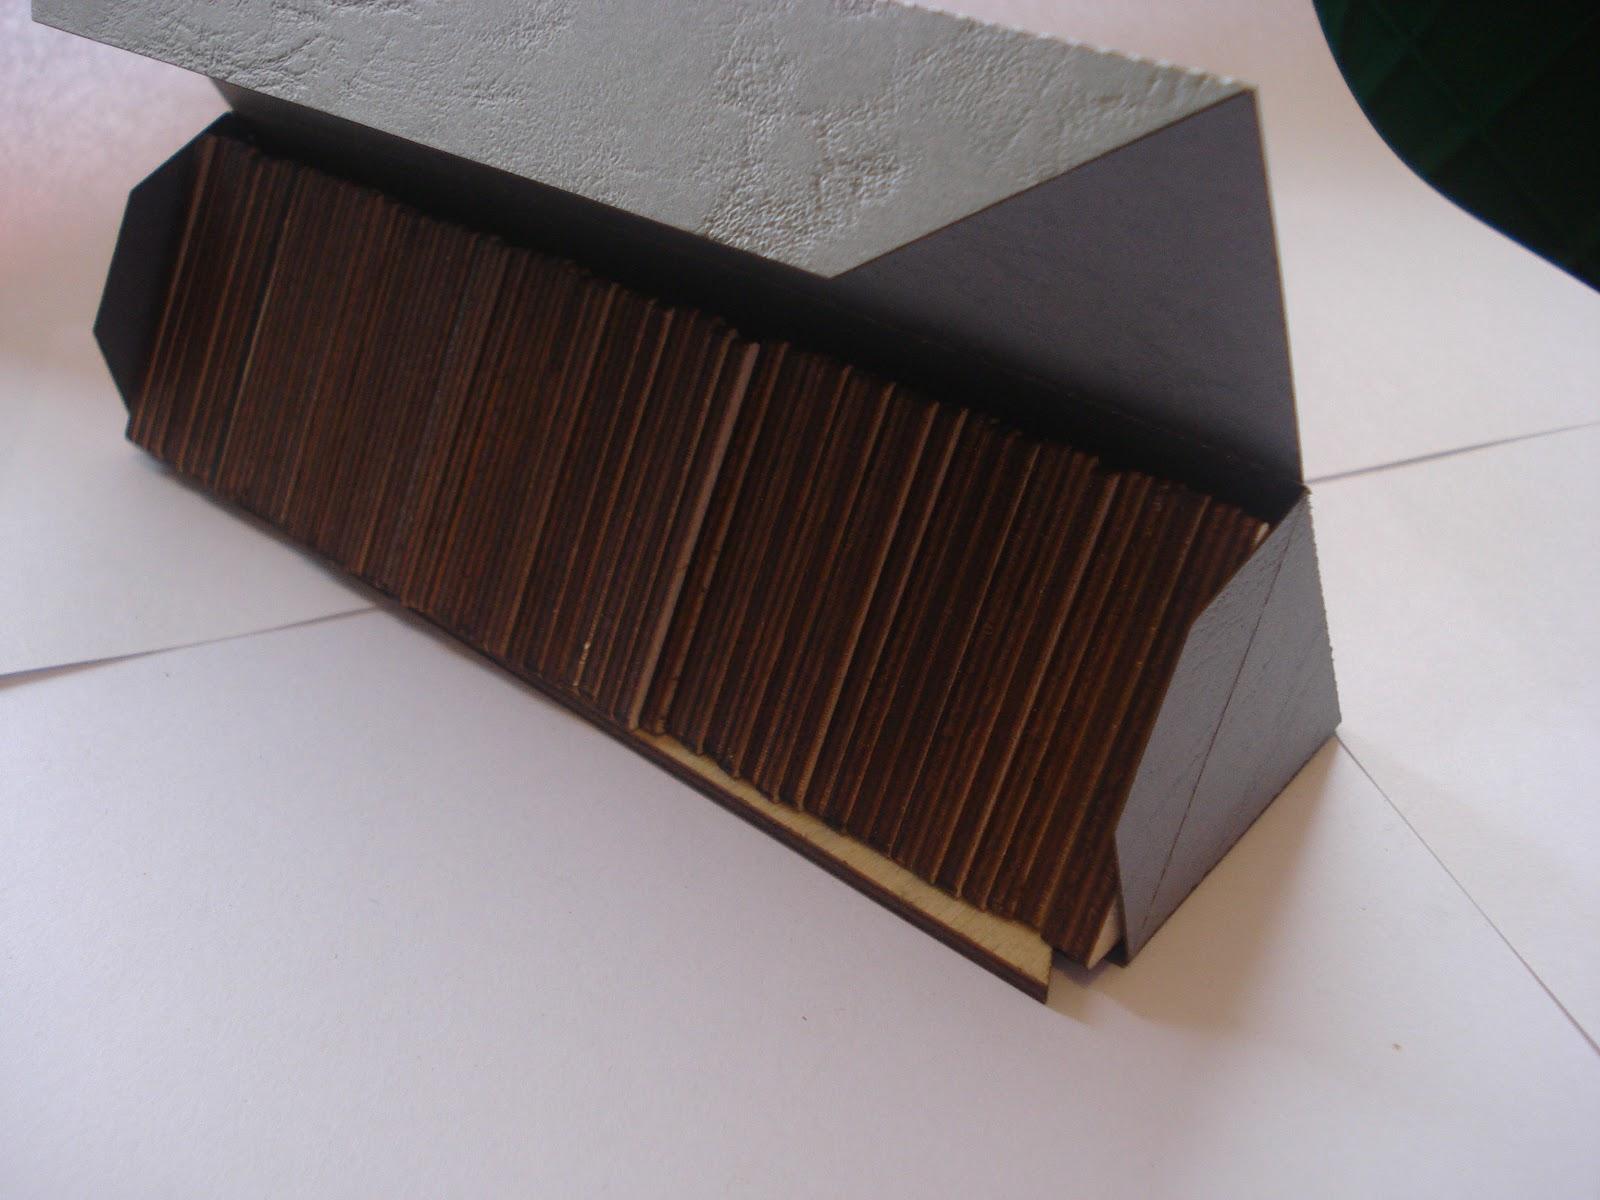 Tile box